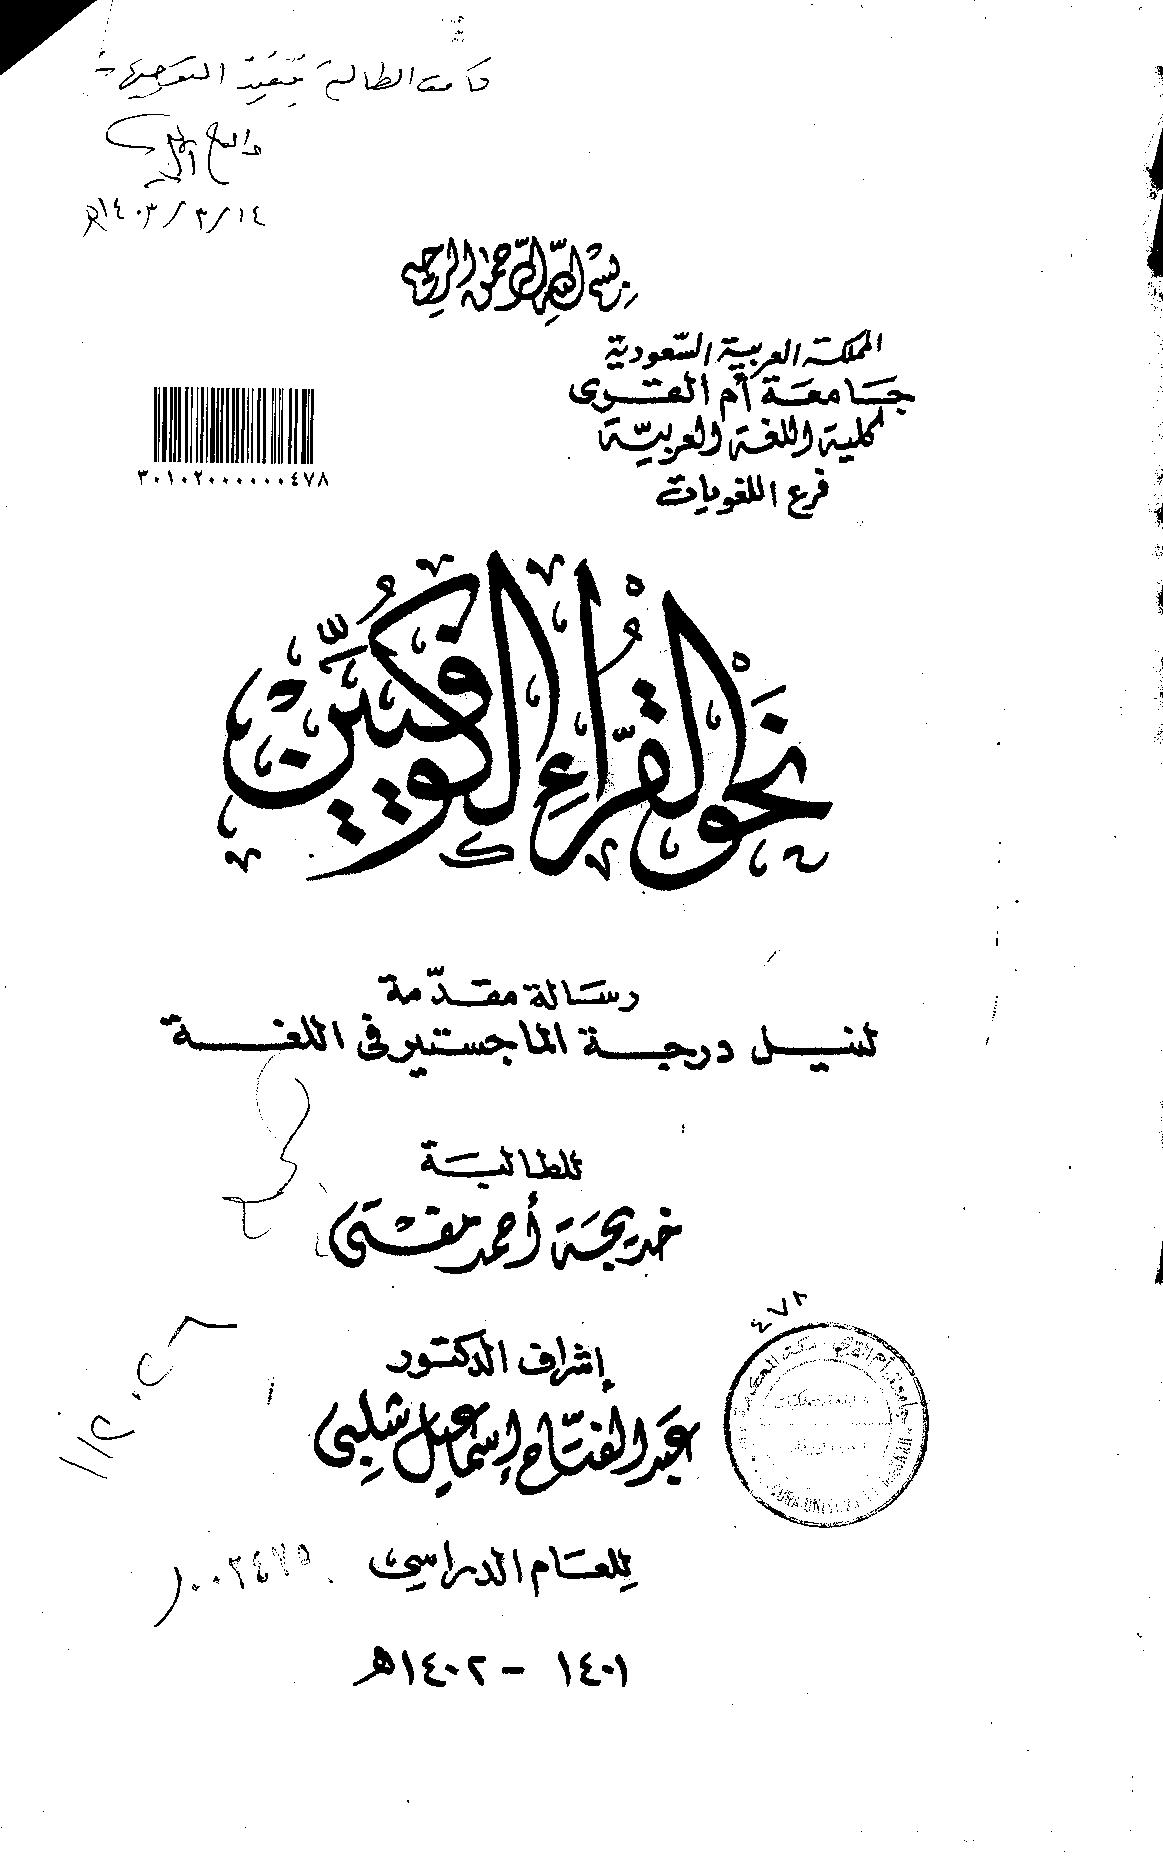 تحميل كتاب نحو القراء الكوفيين لـِ: خديجة أحمد مفتي